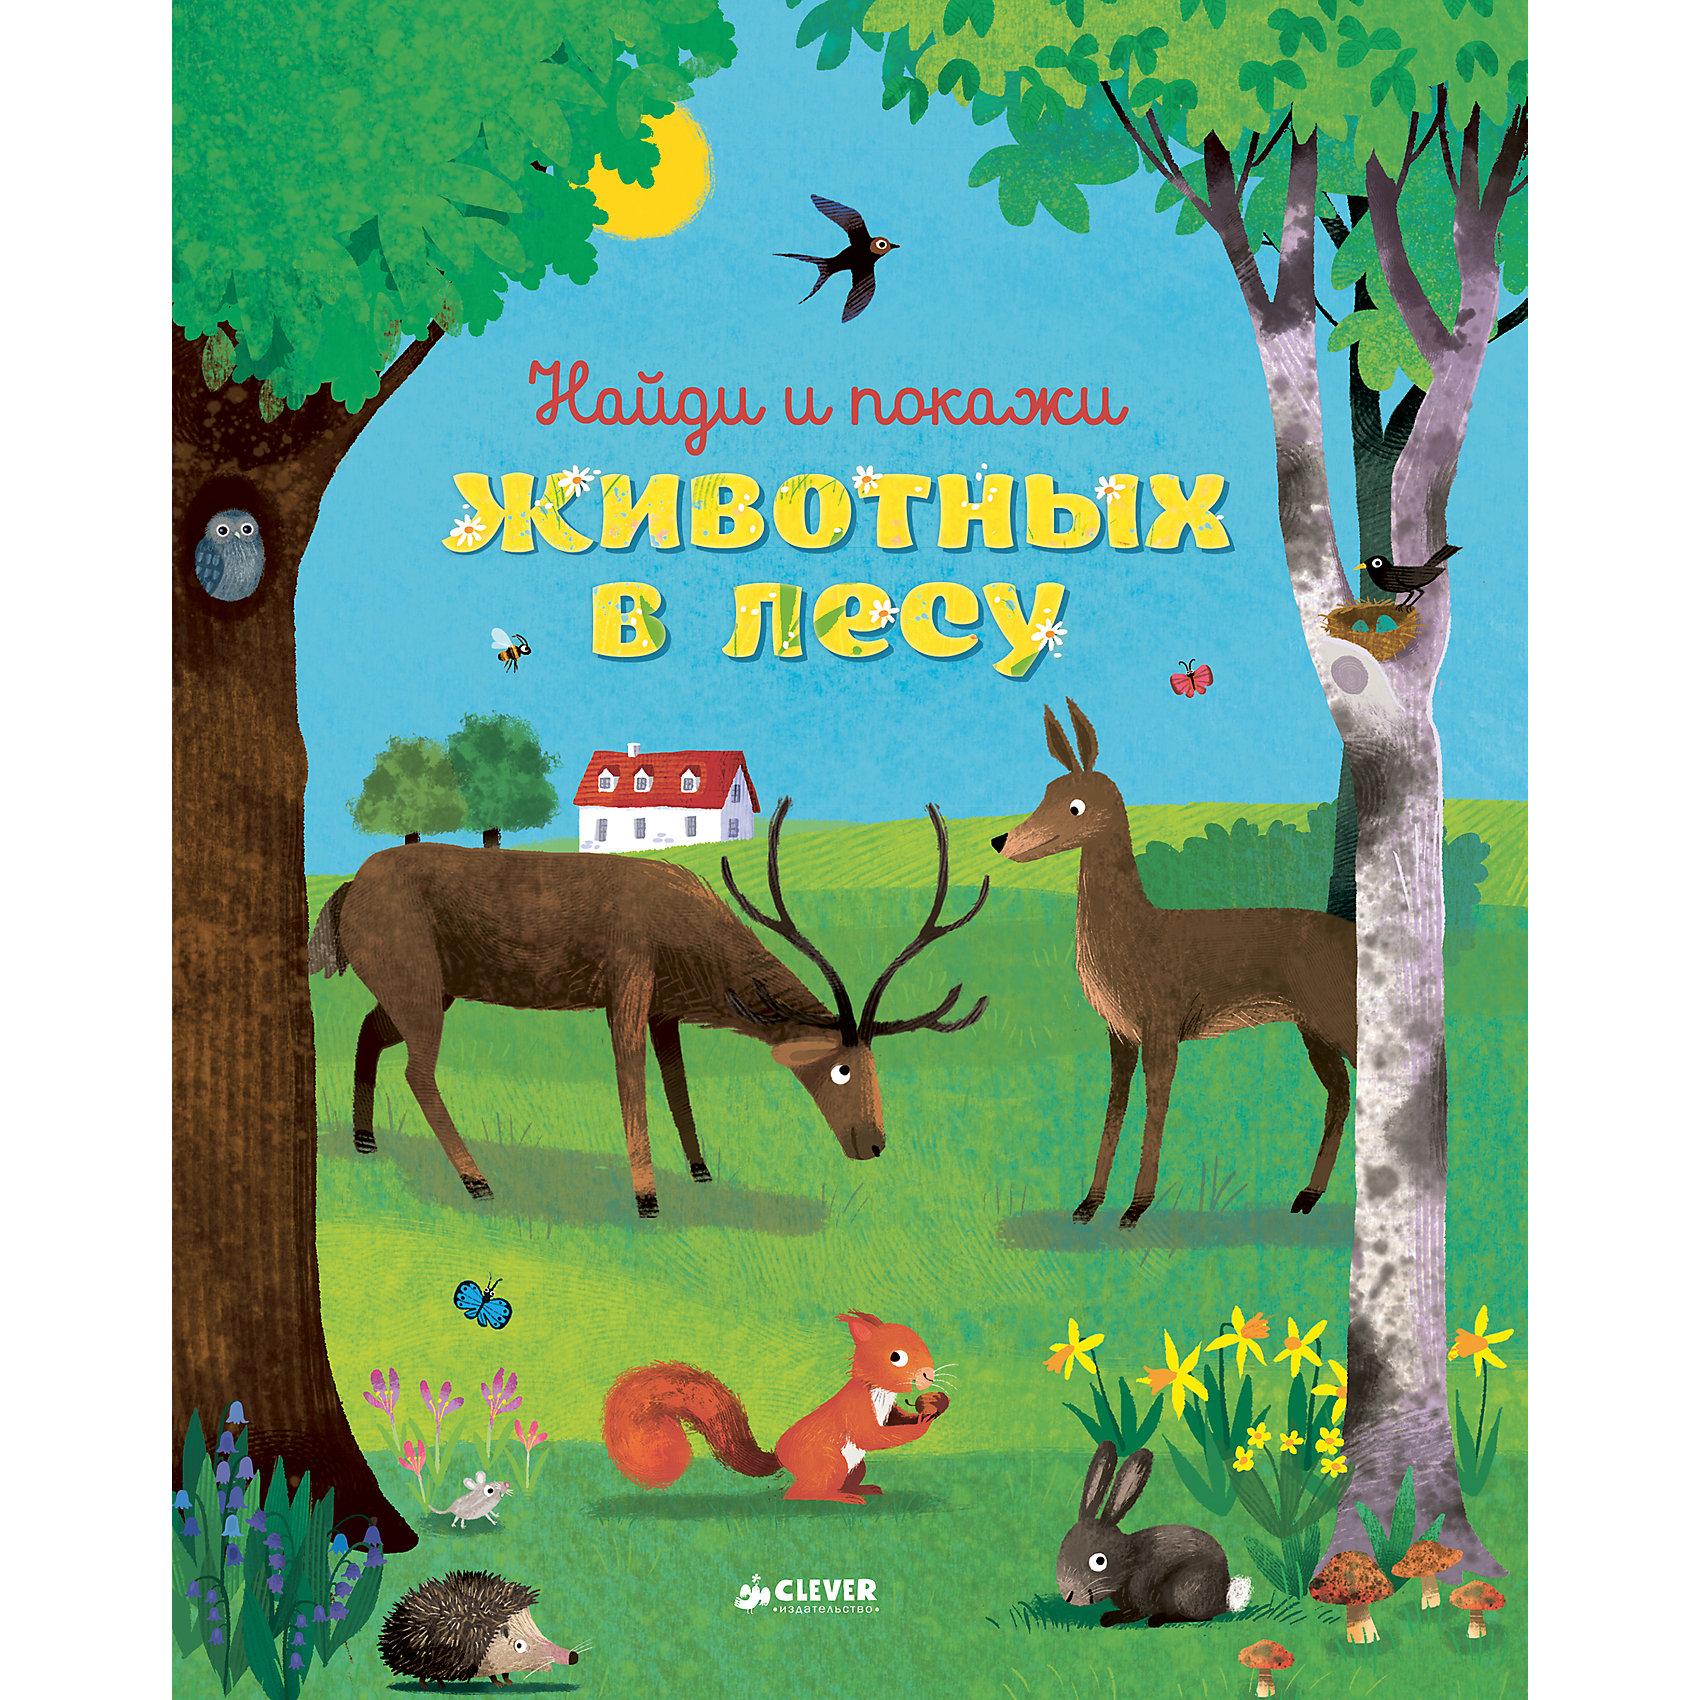 Найди и покажи животных в лесуКниги для развития мышления<br>Найди и покажи животных в лесу<br><br>Характеристики:<br><br>• ISBN: 978-5-906882-63-9<br>• Кол-во страниц:25<br>• Возраст: от 1 до 3 <br>• Формат: а4<br>• Размер книги: 298x238x8 мм<br>• Бумага: мелованная<br>• Вес: 276 г<br>• Обложка: твердая<br><br>С помощью этой книги ваш ребенок сможет перенестись в таинственный лес и окунуться в мир дикой природы. На каждой странице можно любоваться красочными картинками, искать предметы и изучать животных. Эта книга прекрасно подходи для детей в возрасте от года и до трех лет. Иллюстрации с крупными элементами, короткие интересные истории и предметы для поиска – это то, что позволяет не только развить речь, но и усидчивость и внимательность вашего ребенка.<br><br>Найди и покажи животных в лесу можно купить в нашем интернет-магазине.<br><br>Ширина мм: 220<br>Глубина мм: 200<br>Высота мм: 10<br>Вес г: 276<br>Возраст от месяцев: 0<br>Возраст до месяцев: 36<br>Пол: Унисекс<br>Возраст: Детский<br>SKU: 5377802